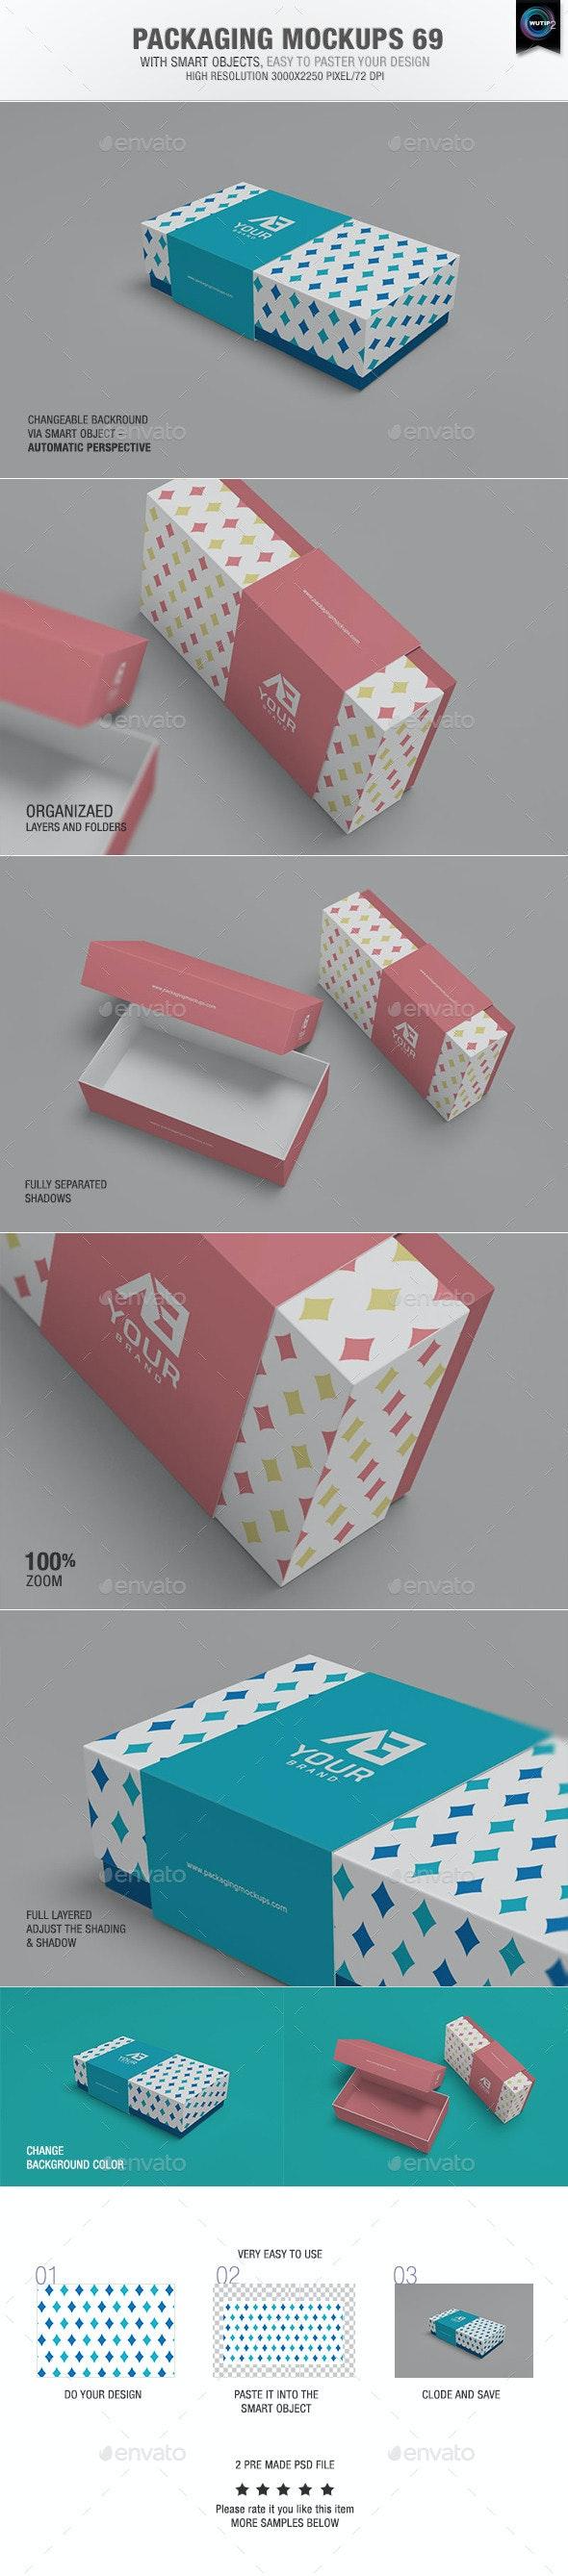 Packaging Mock-ups 69 - Packaging Product Mock-Ups